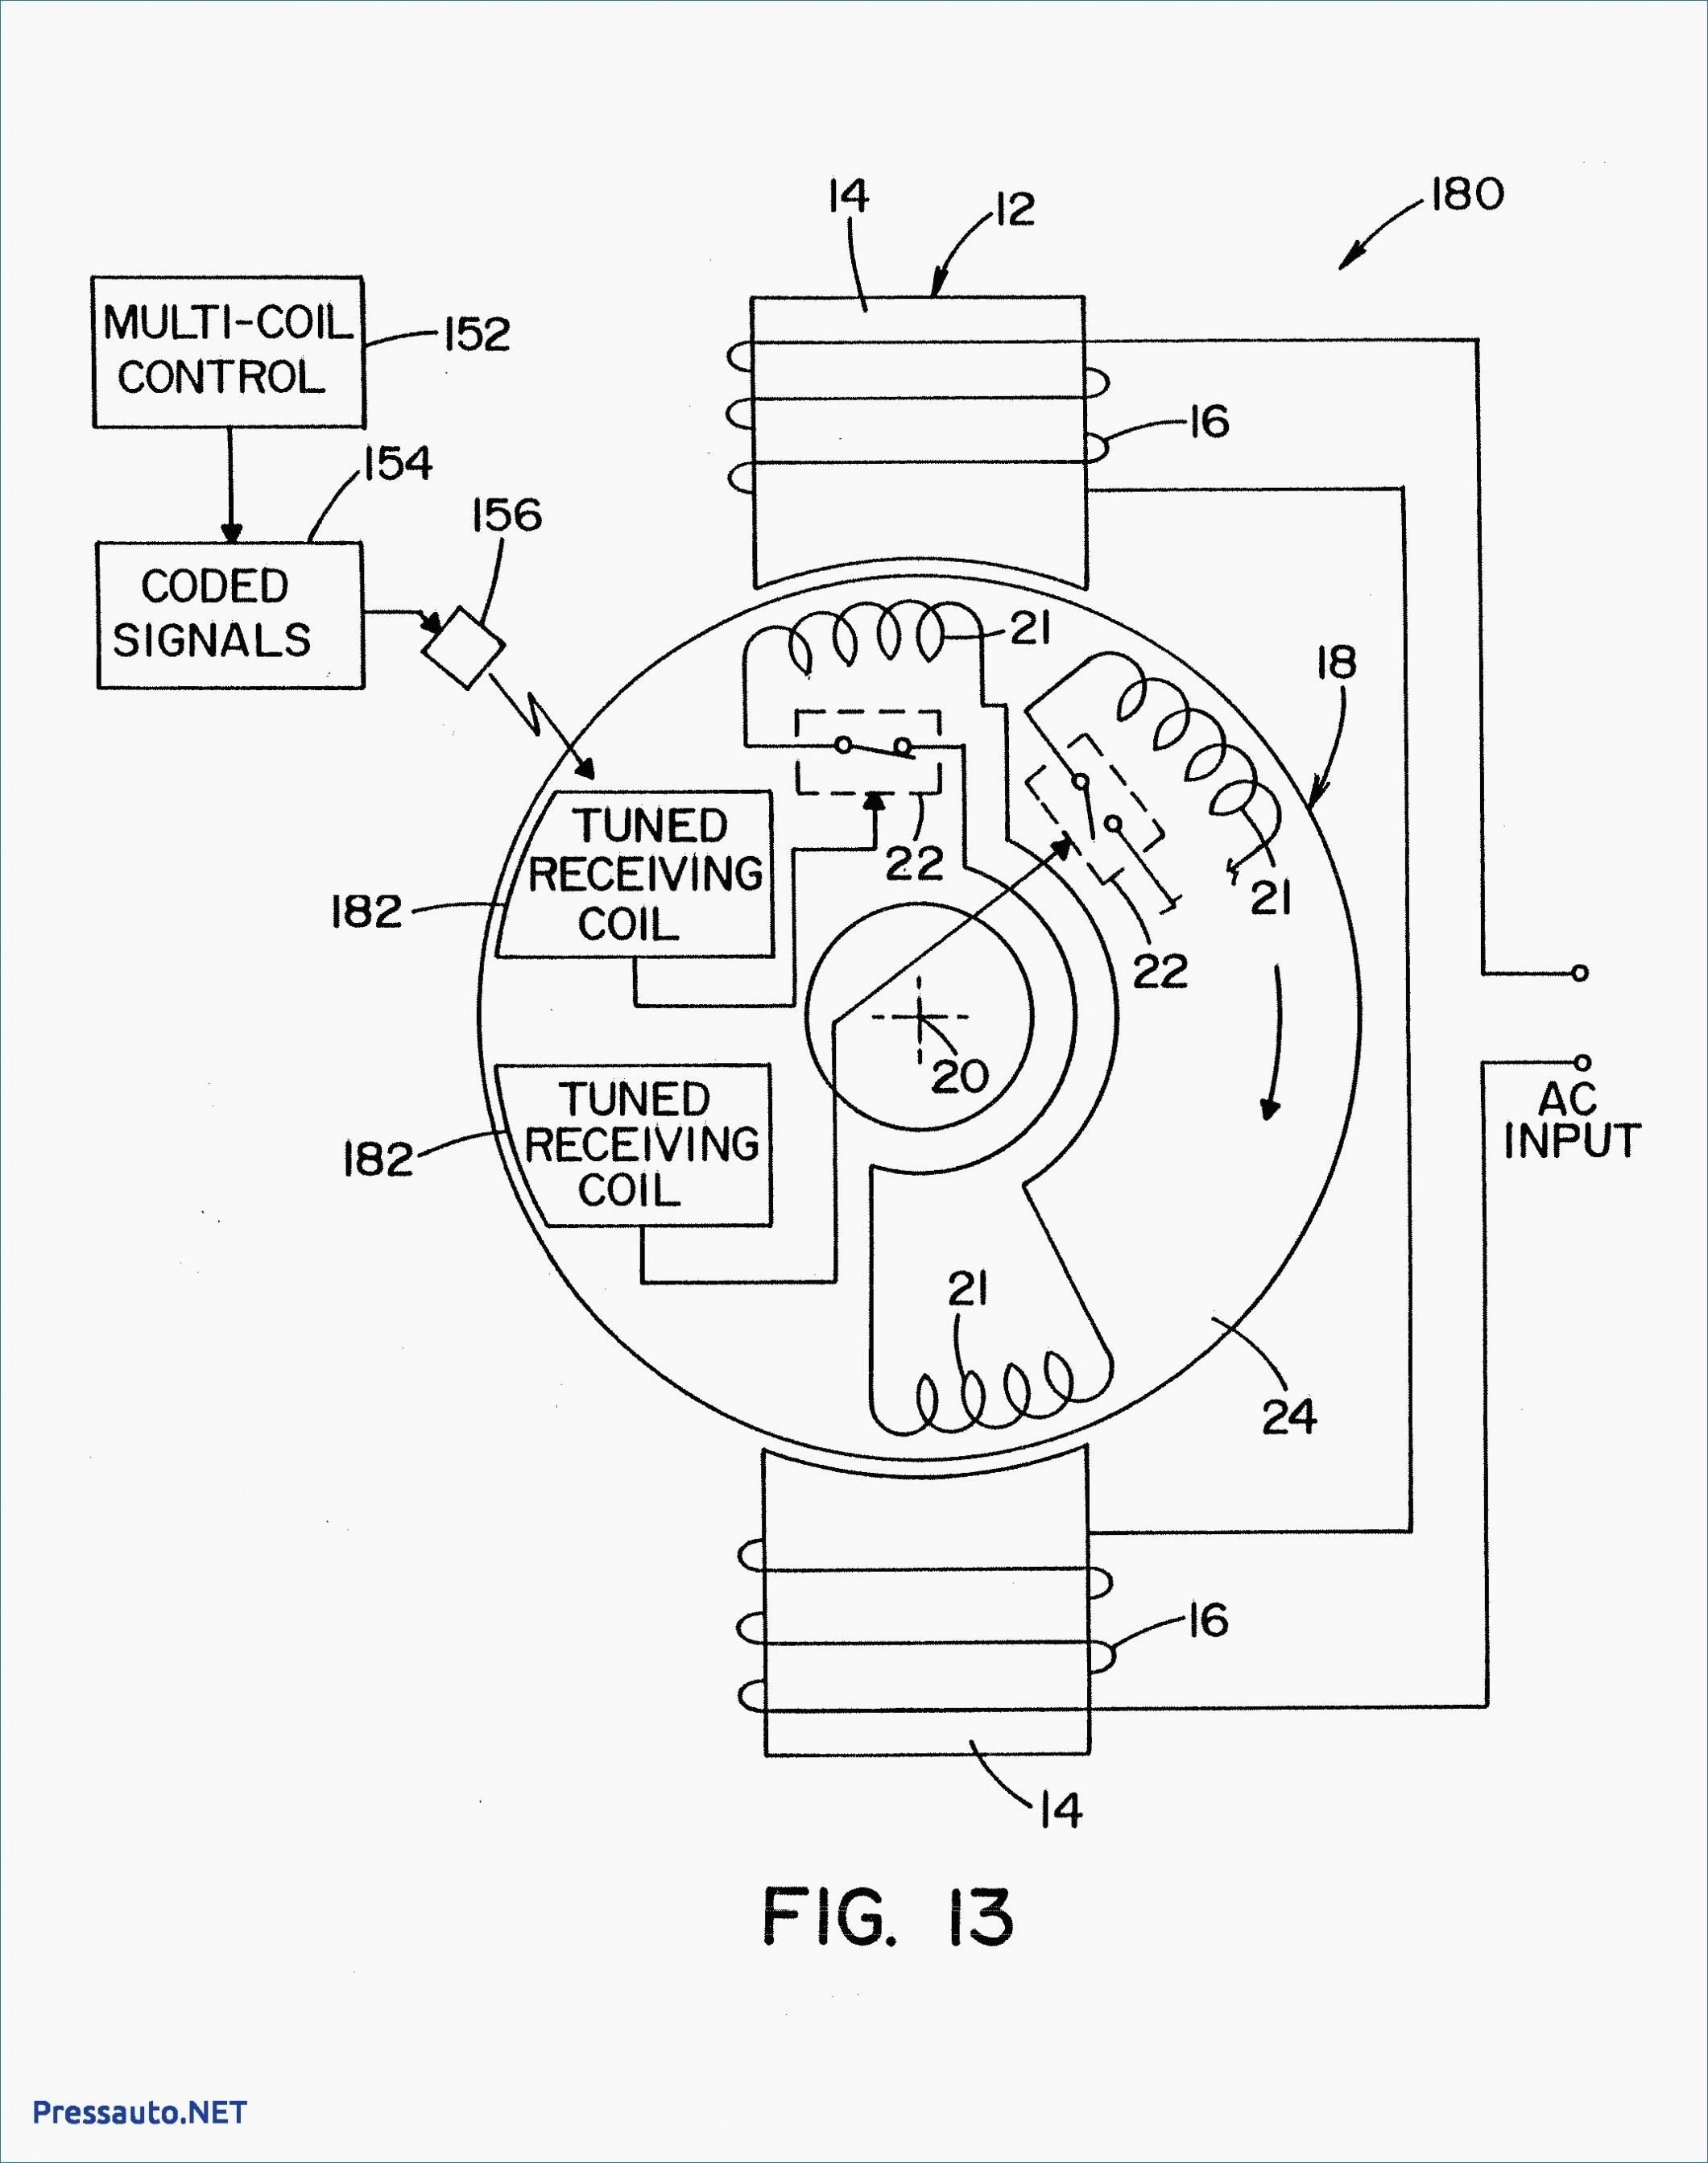 Dayton Electric Motors Wiring Diagram Download — Manicpixi - Dayton Electric Motors Wiring Diagram Download